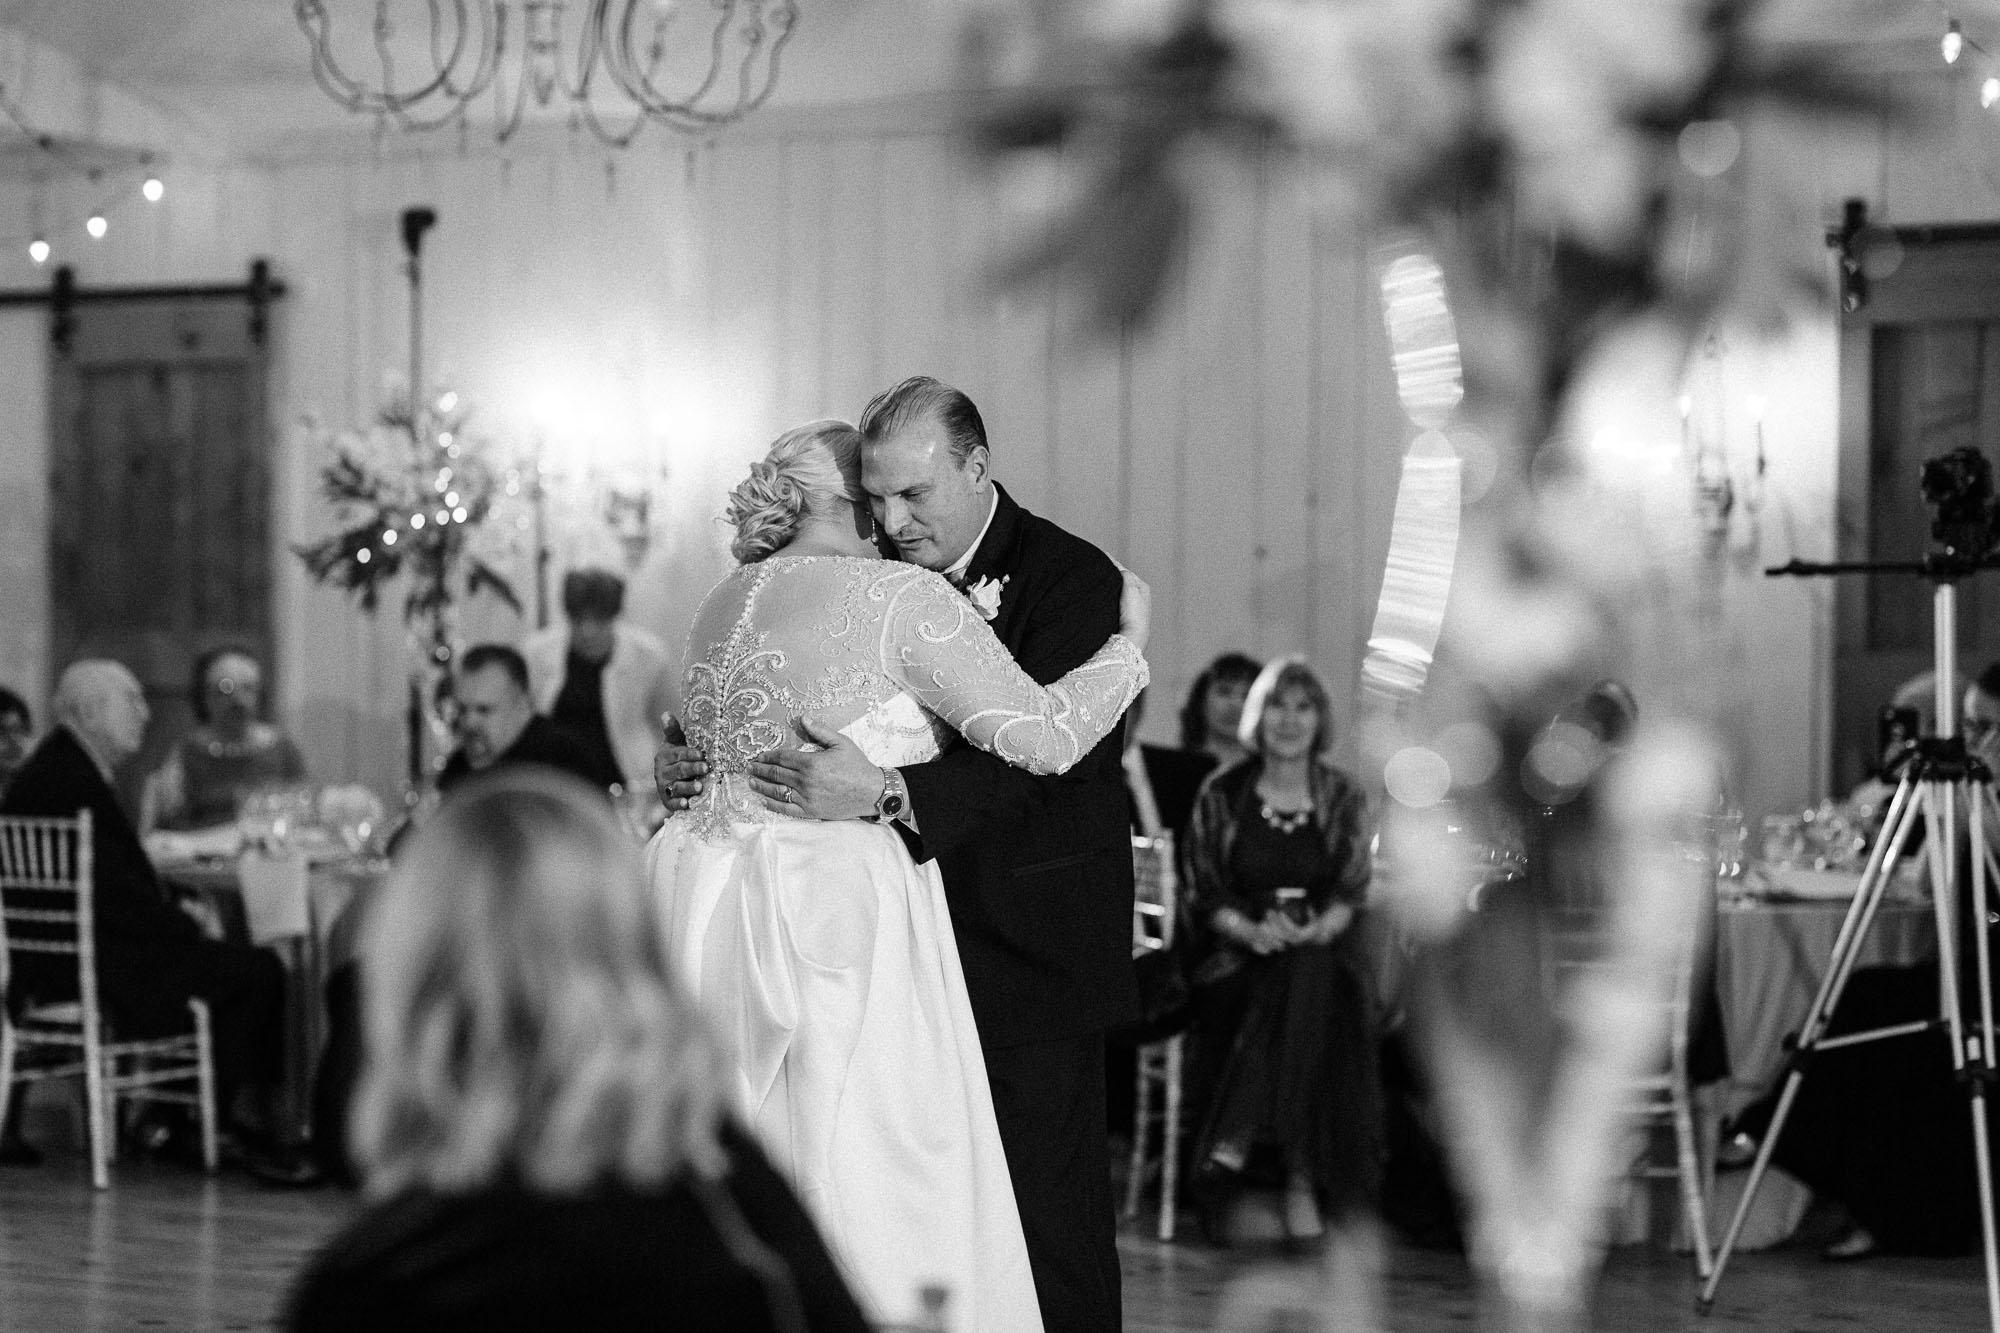 whitewoods-october-wedding-sk-8313.jpg